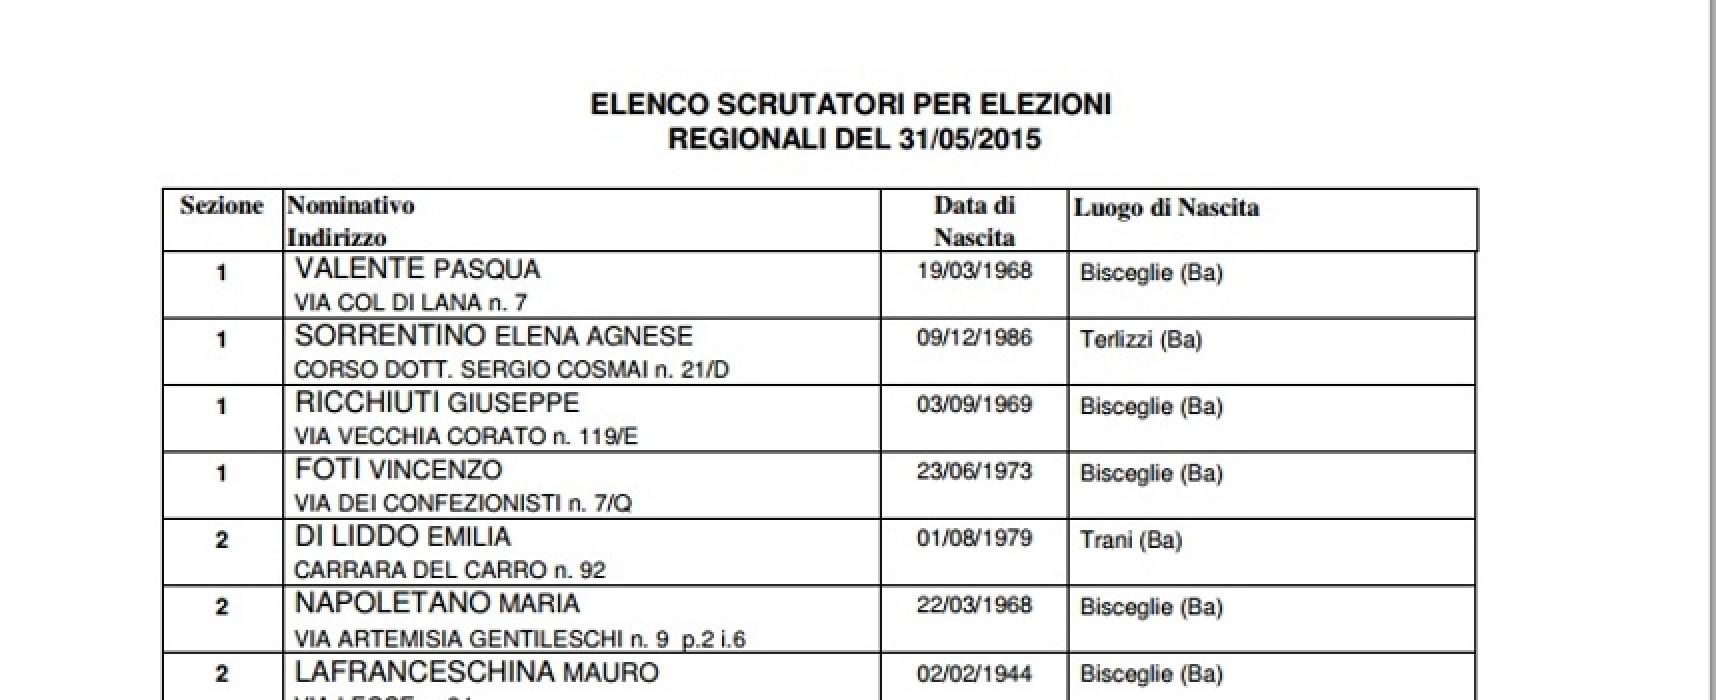 Elezioni regionali, ecco gli scrutatori sorteggiati / ELENCO